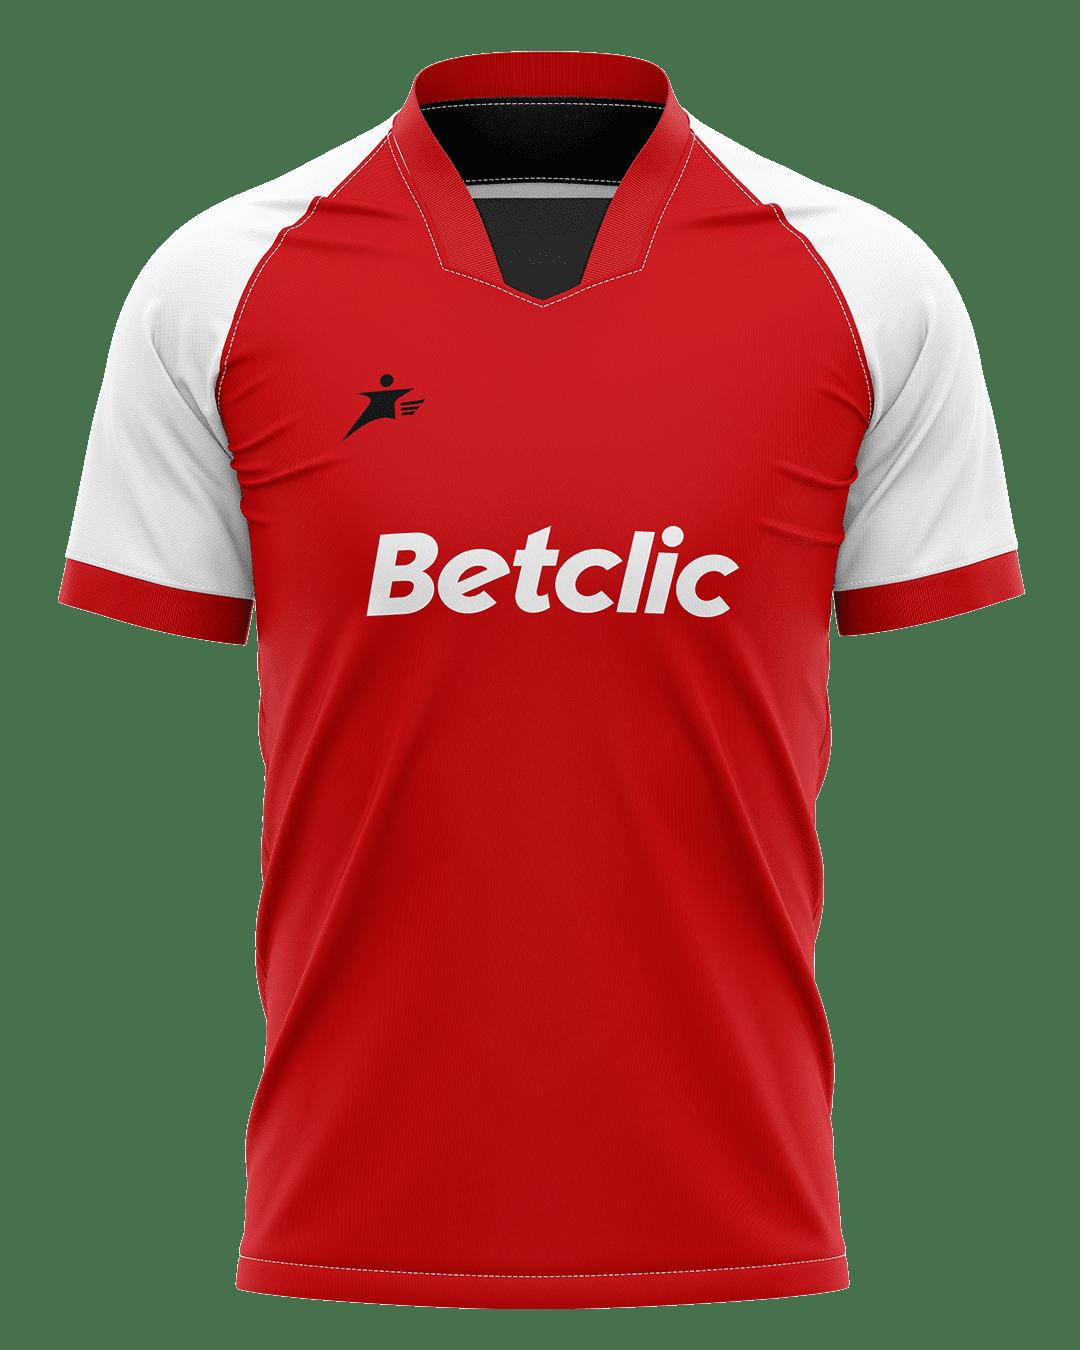 Koszulka bukmachera Betclic